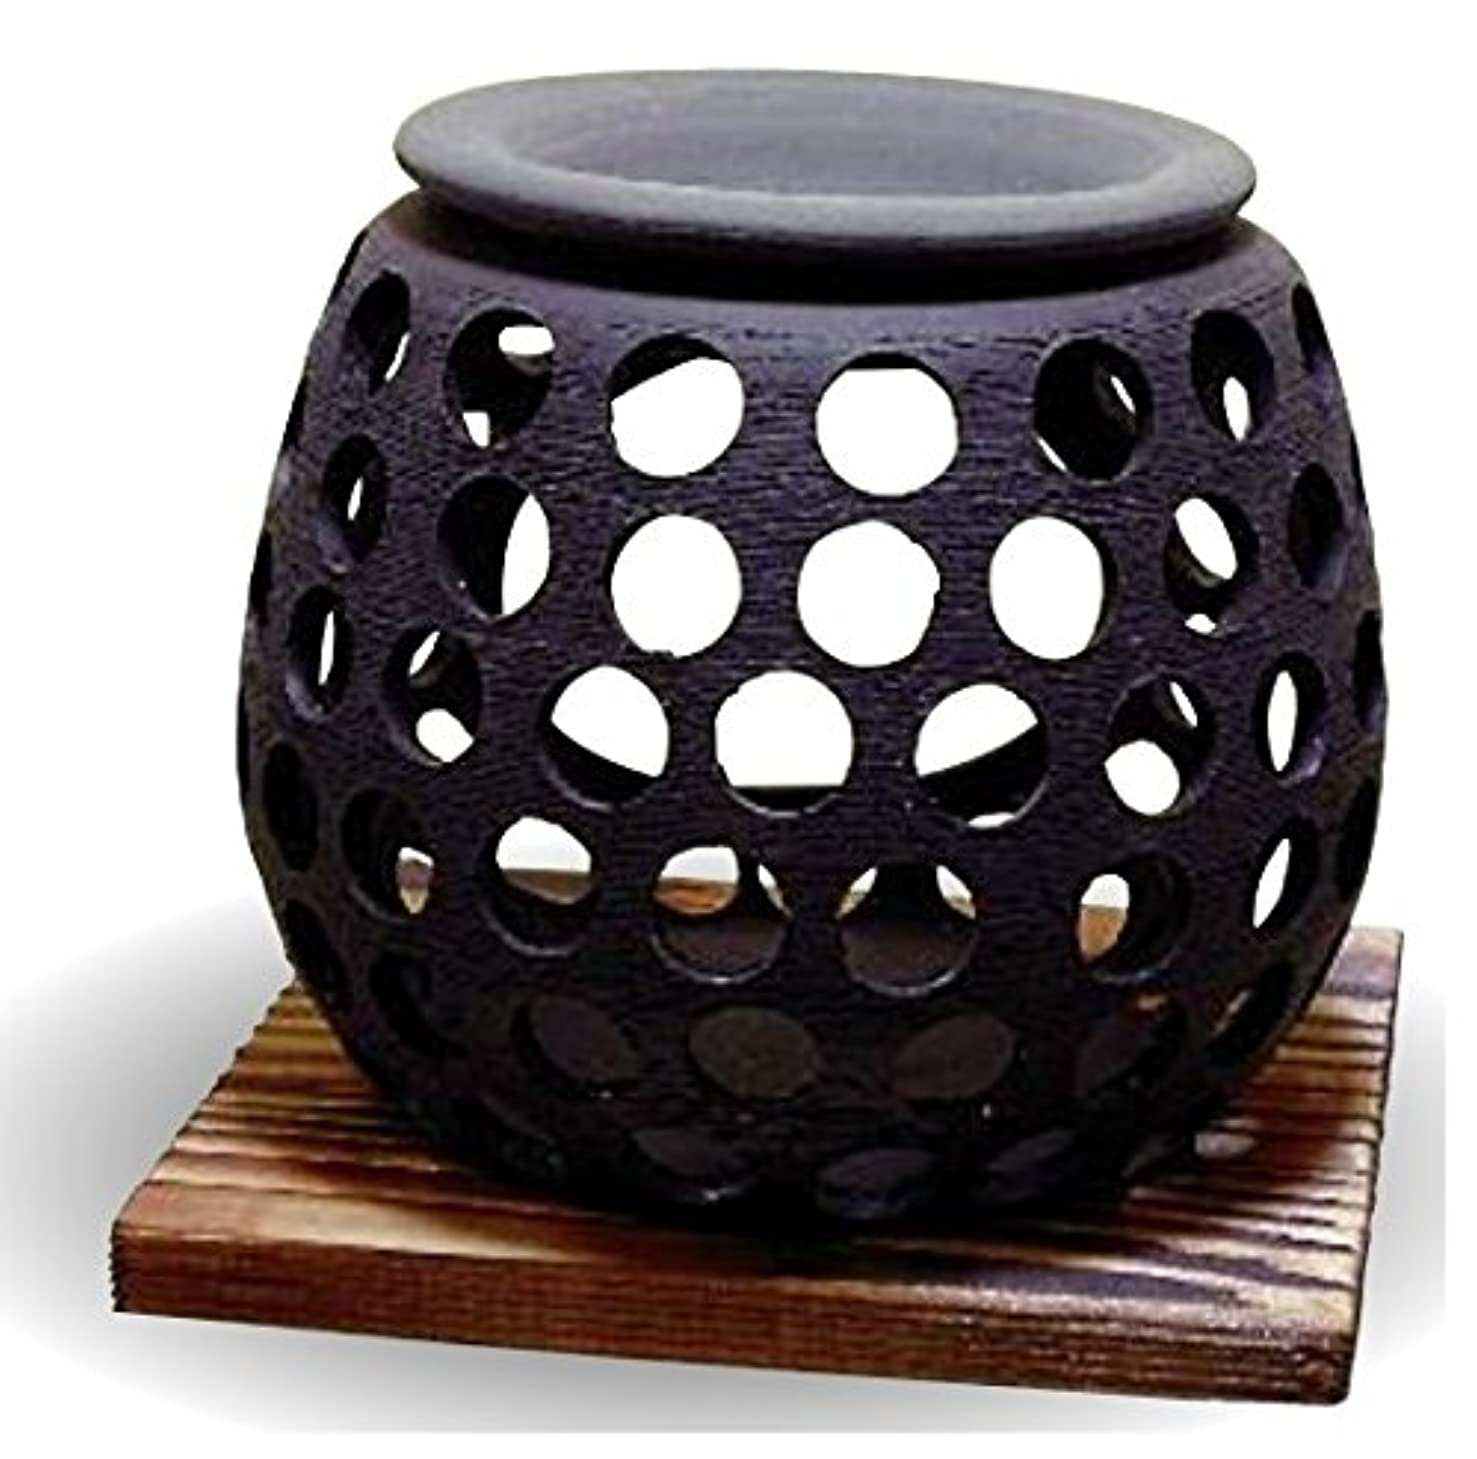 無駄にプロポーショナルリーダーシップ常滑焼 茶香炉(アロマポット)径10×高さ9cm